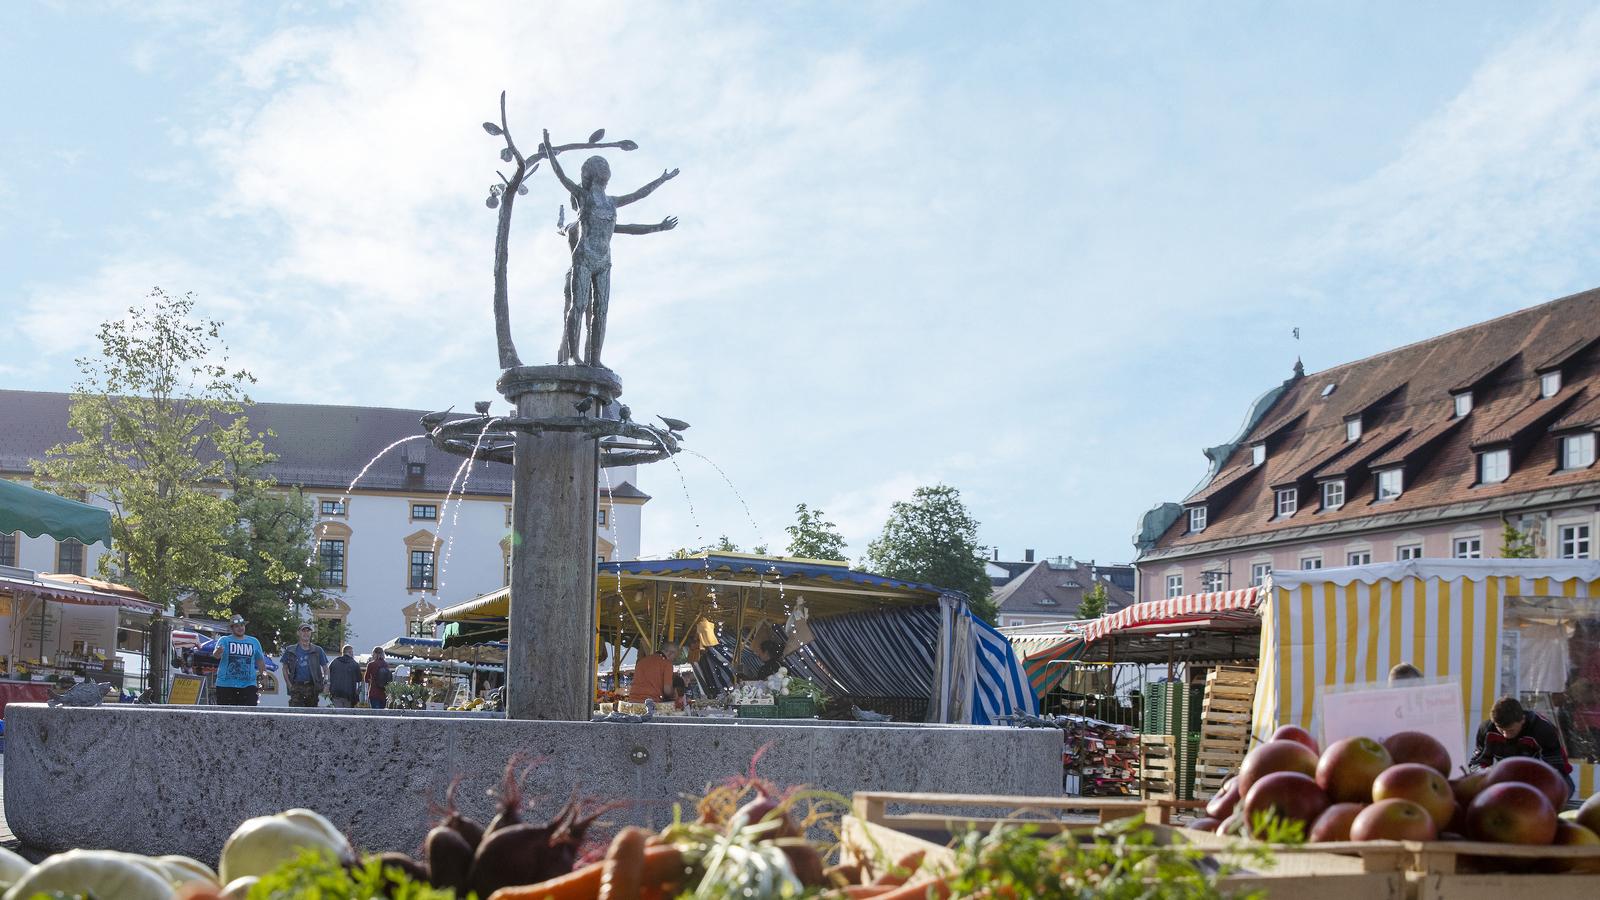 Blick auf dem Marktbrunnen